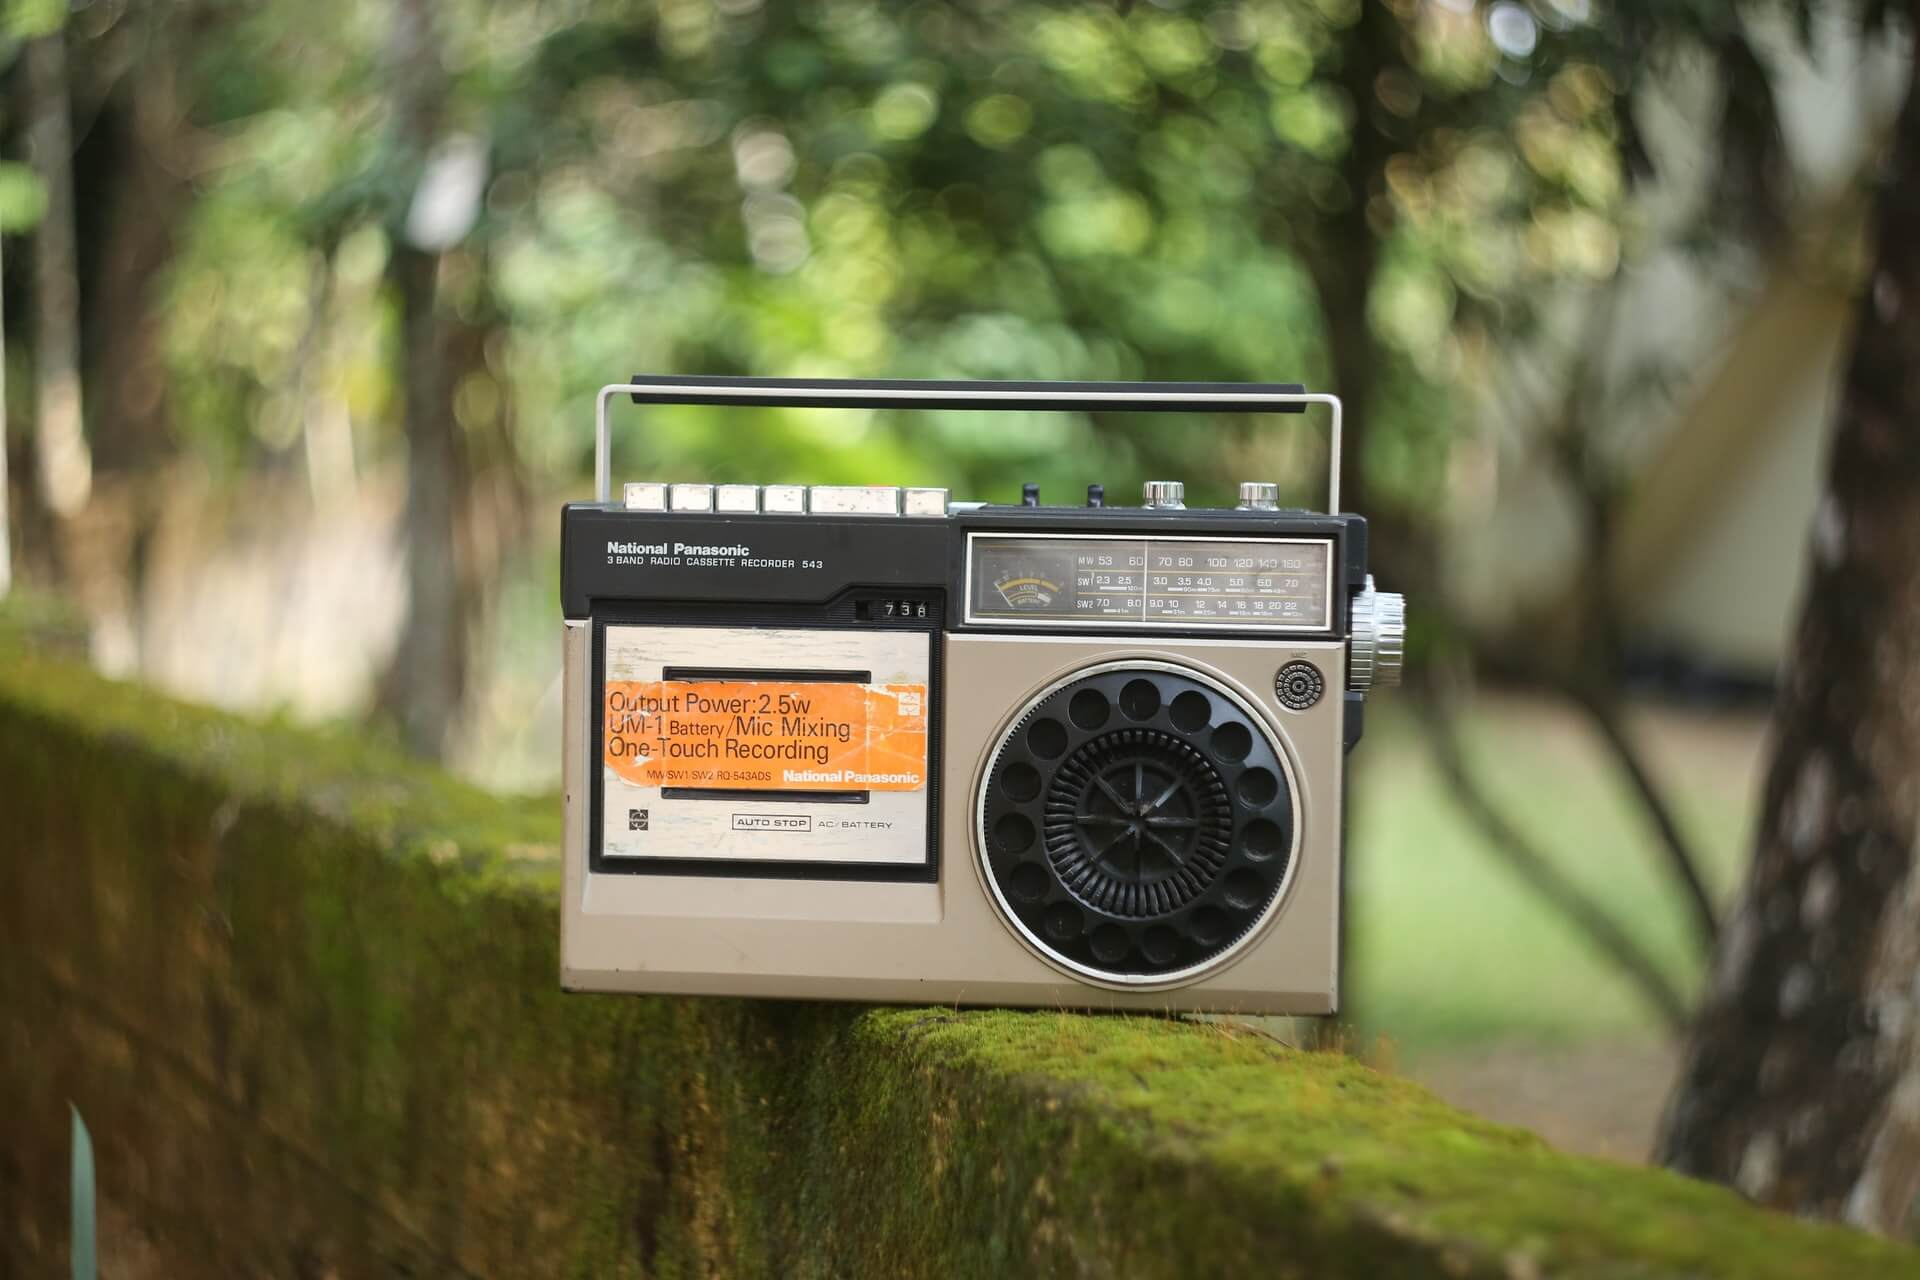 携帯ラジオのおすすめ商品を紹介!種類や機能、選び方も解説